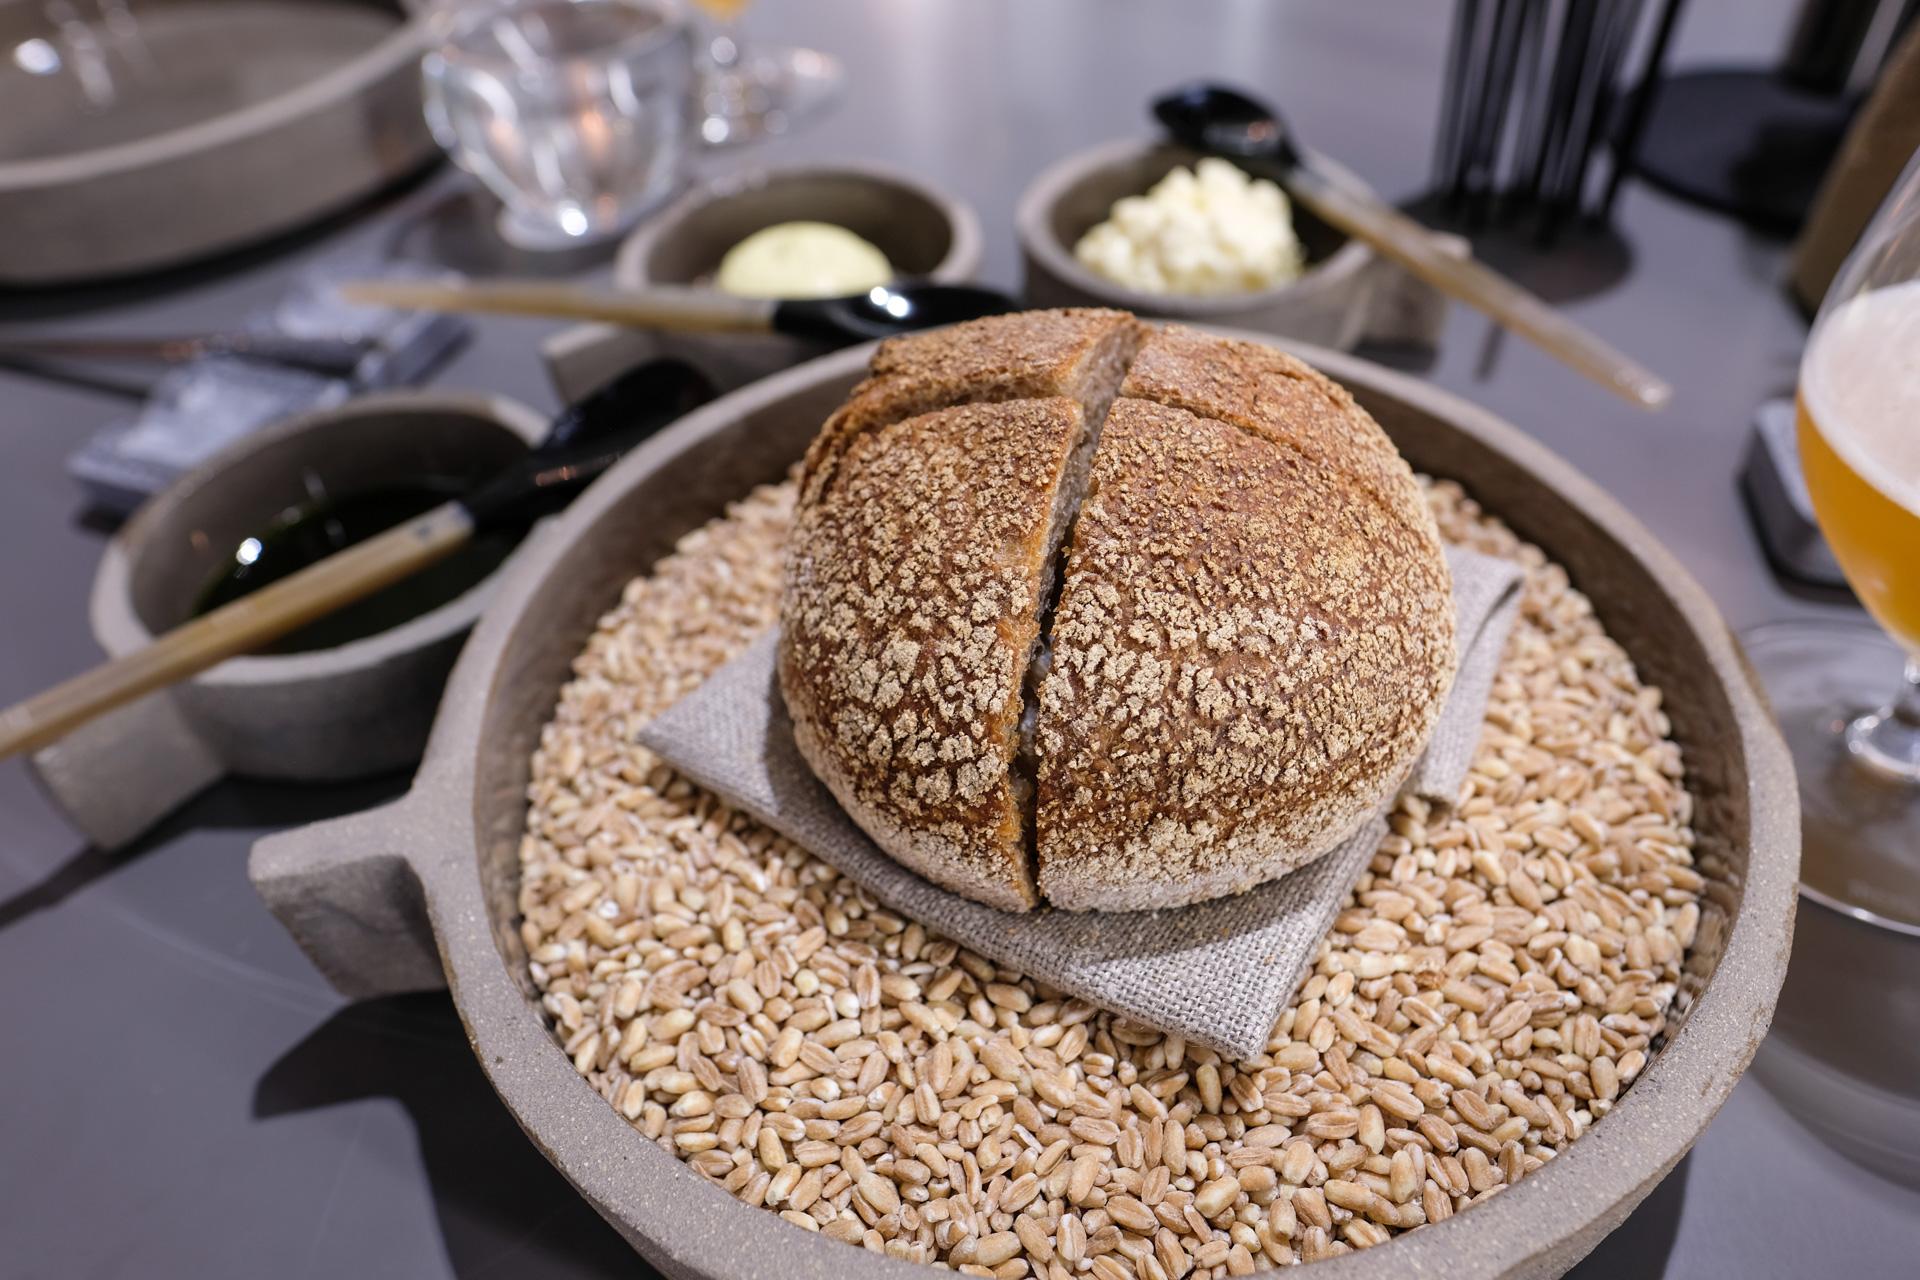 For syv Syttende: Jesper Koch på hjemmebane i vild toprestaurant - en ny stjerne er født